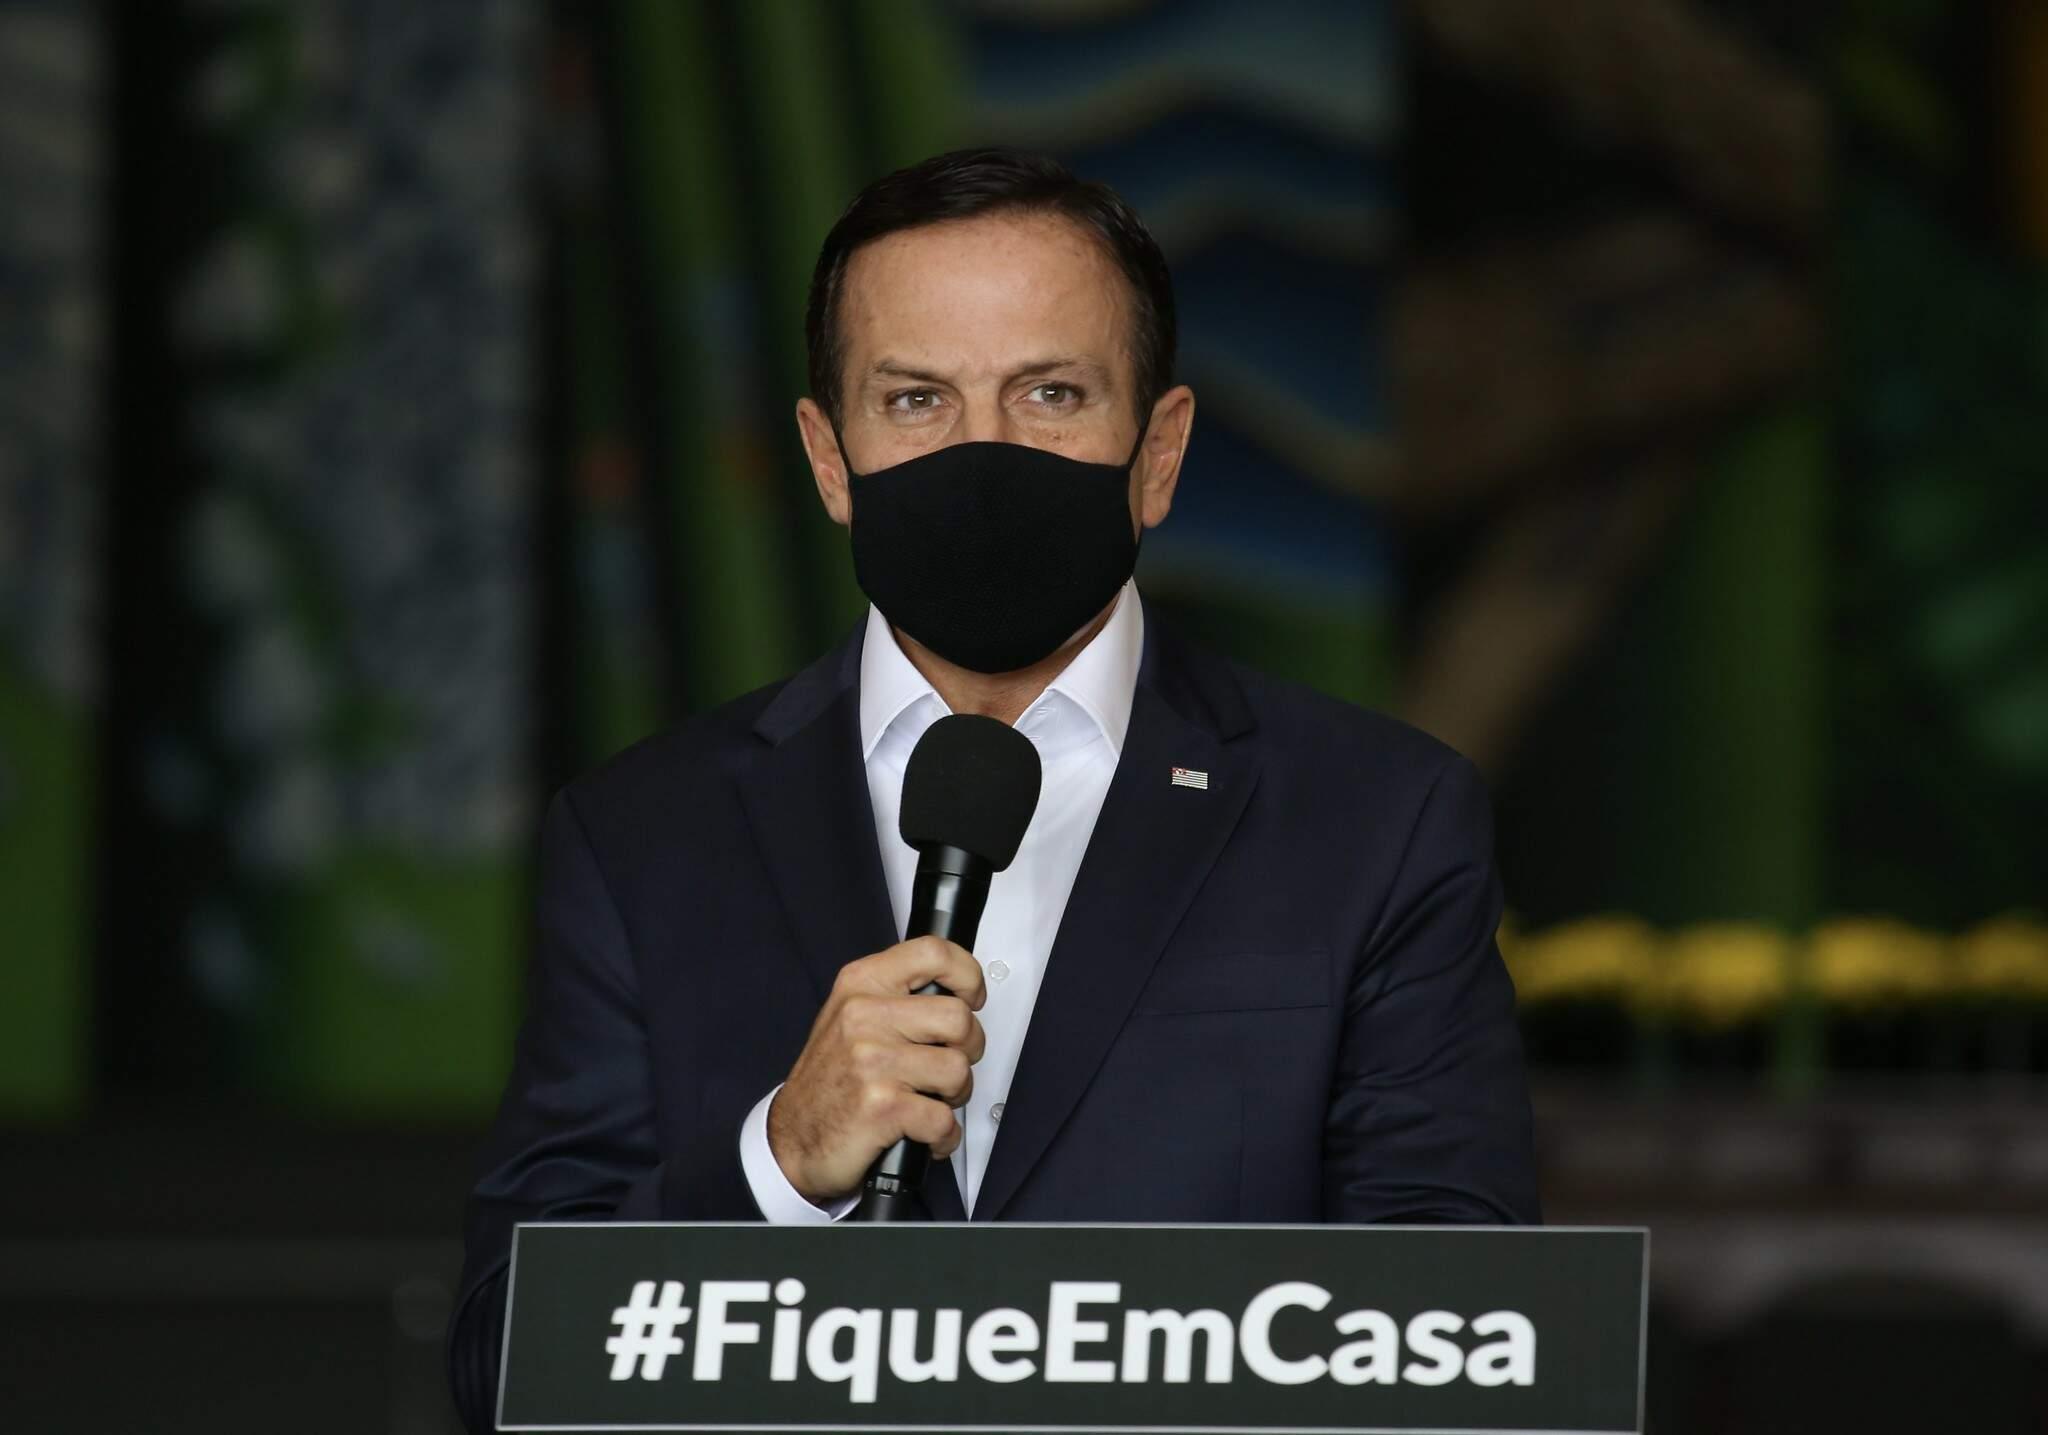 Governador João Doria fez menção ao descumprimento do Ministério da Saúde